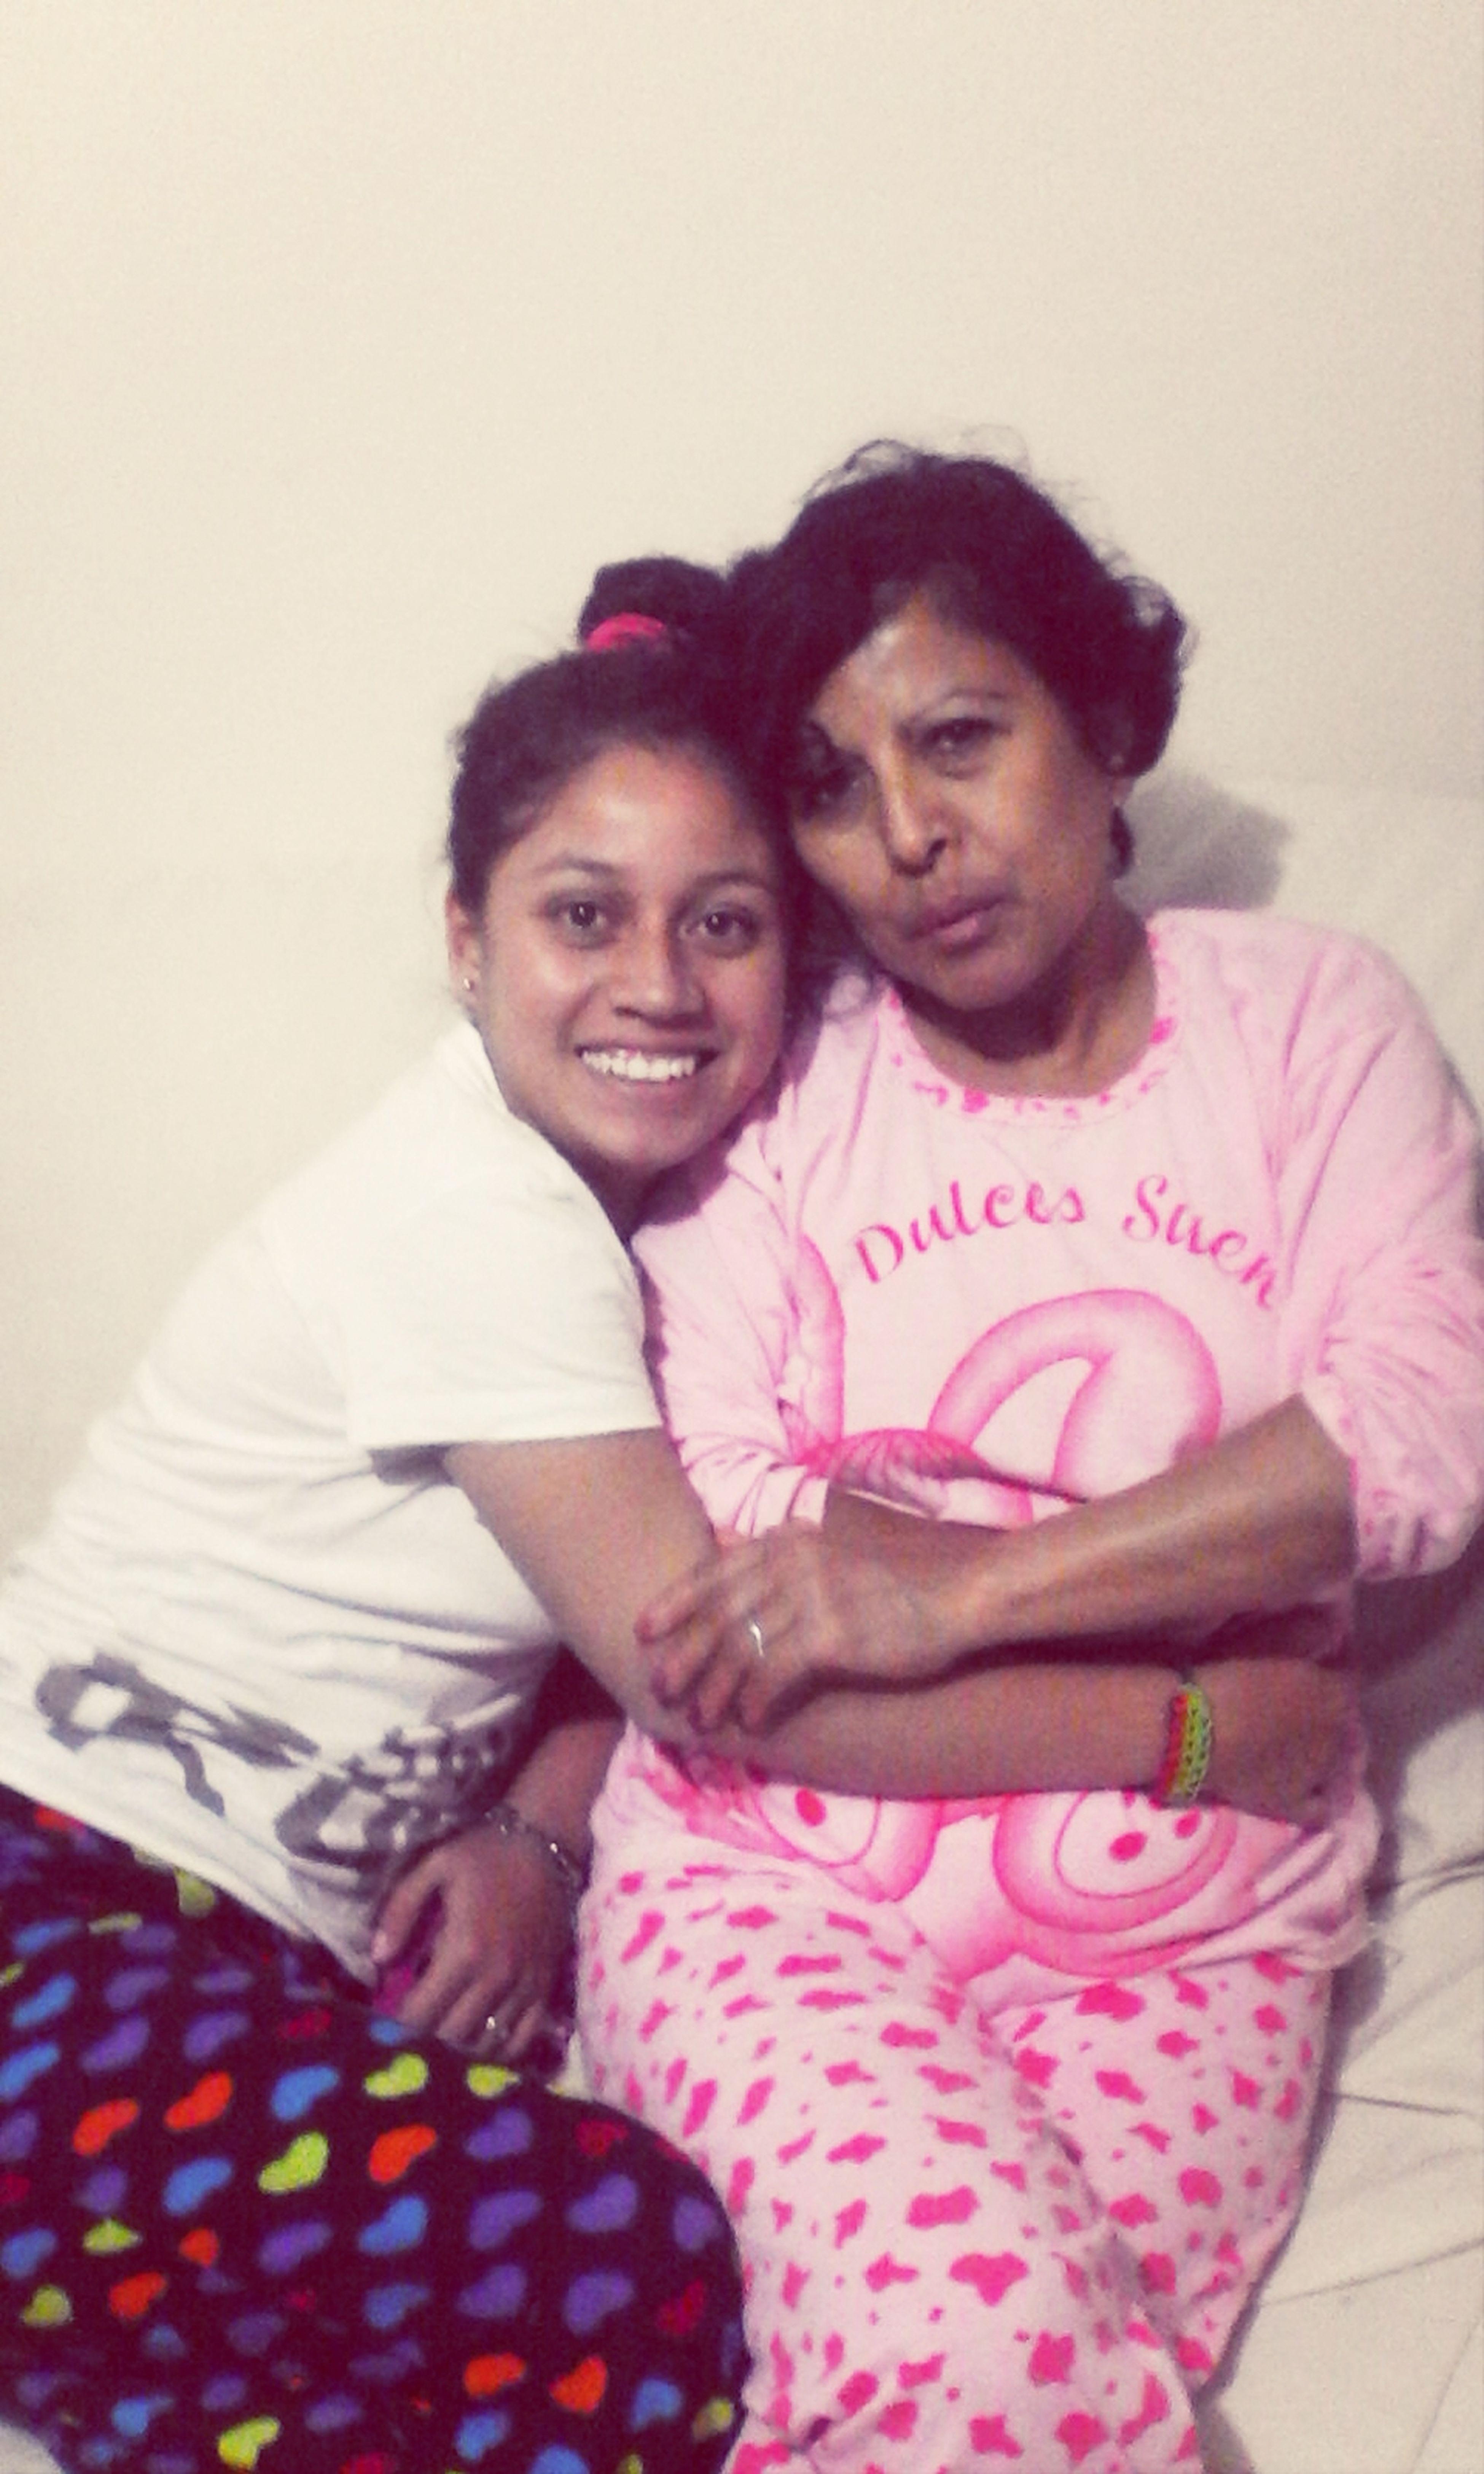 Tia y sobrina con Selfie En Pijama